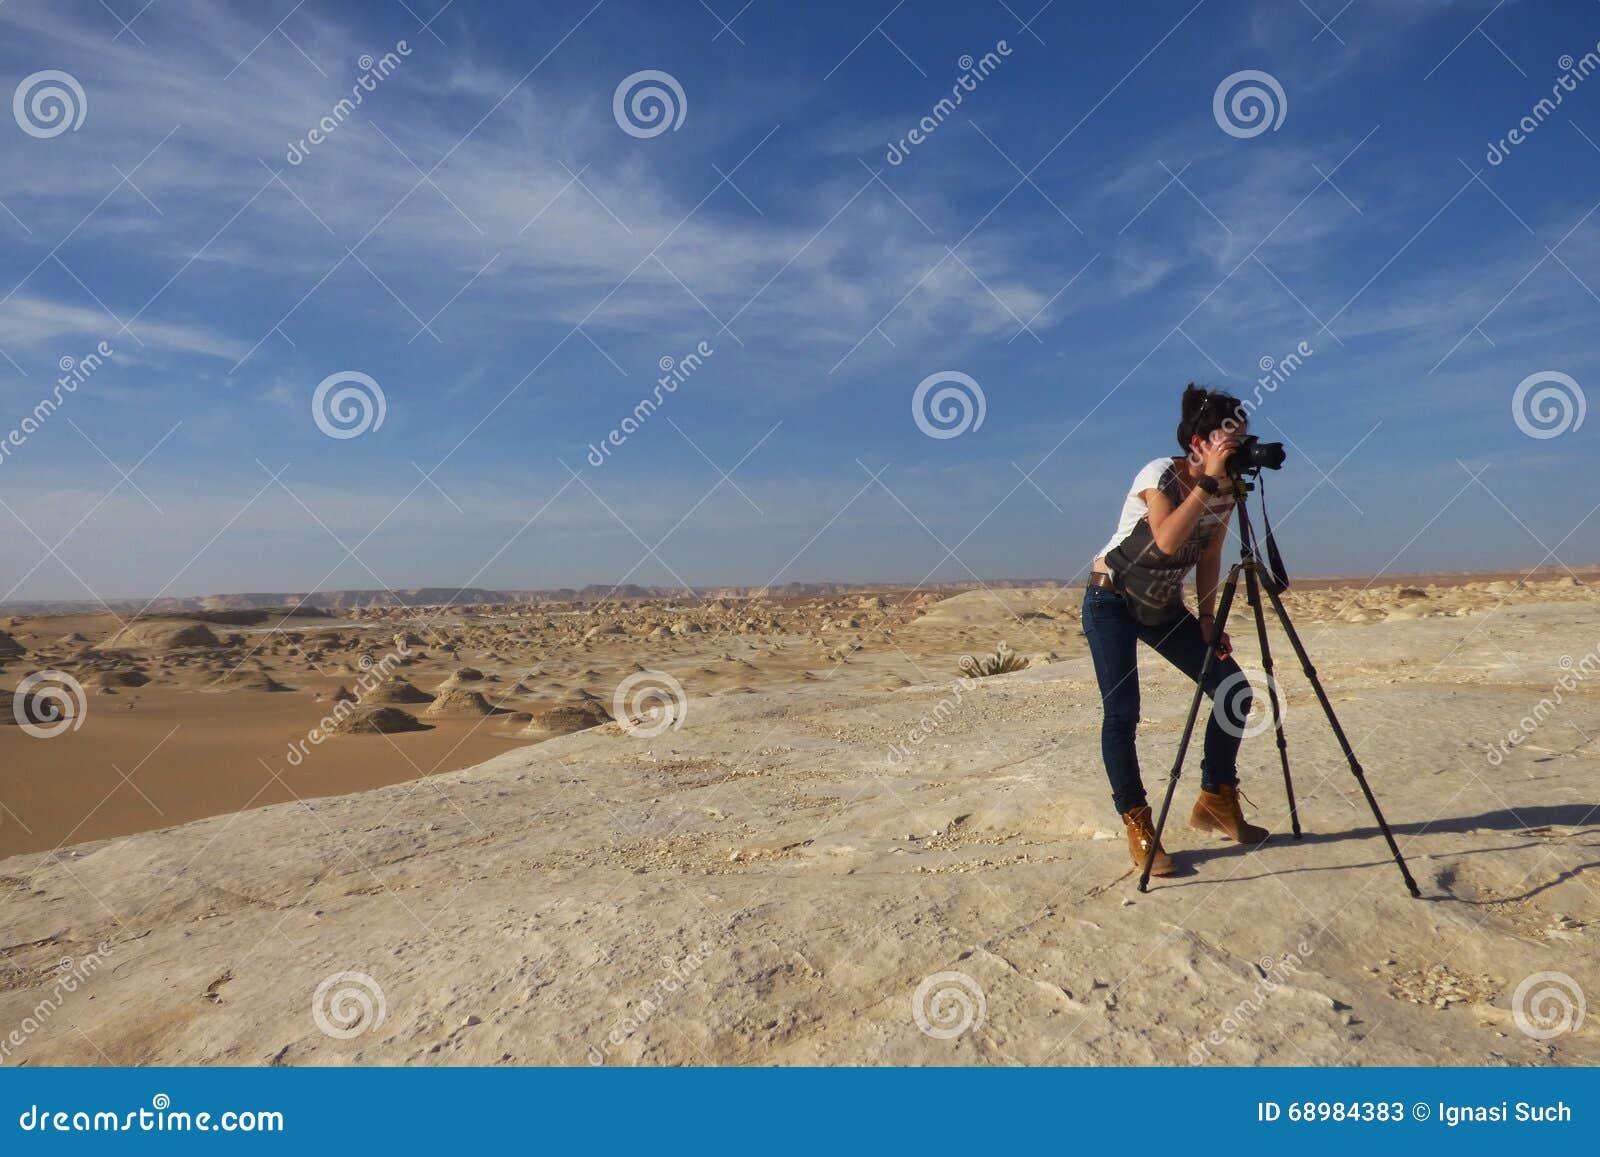 La muchacha hermosa joven toma una imagen en el medio del desierto blanco asombroso cerca del oasis de Farafra en Egipto